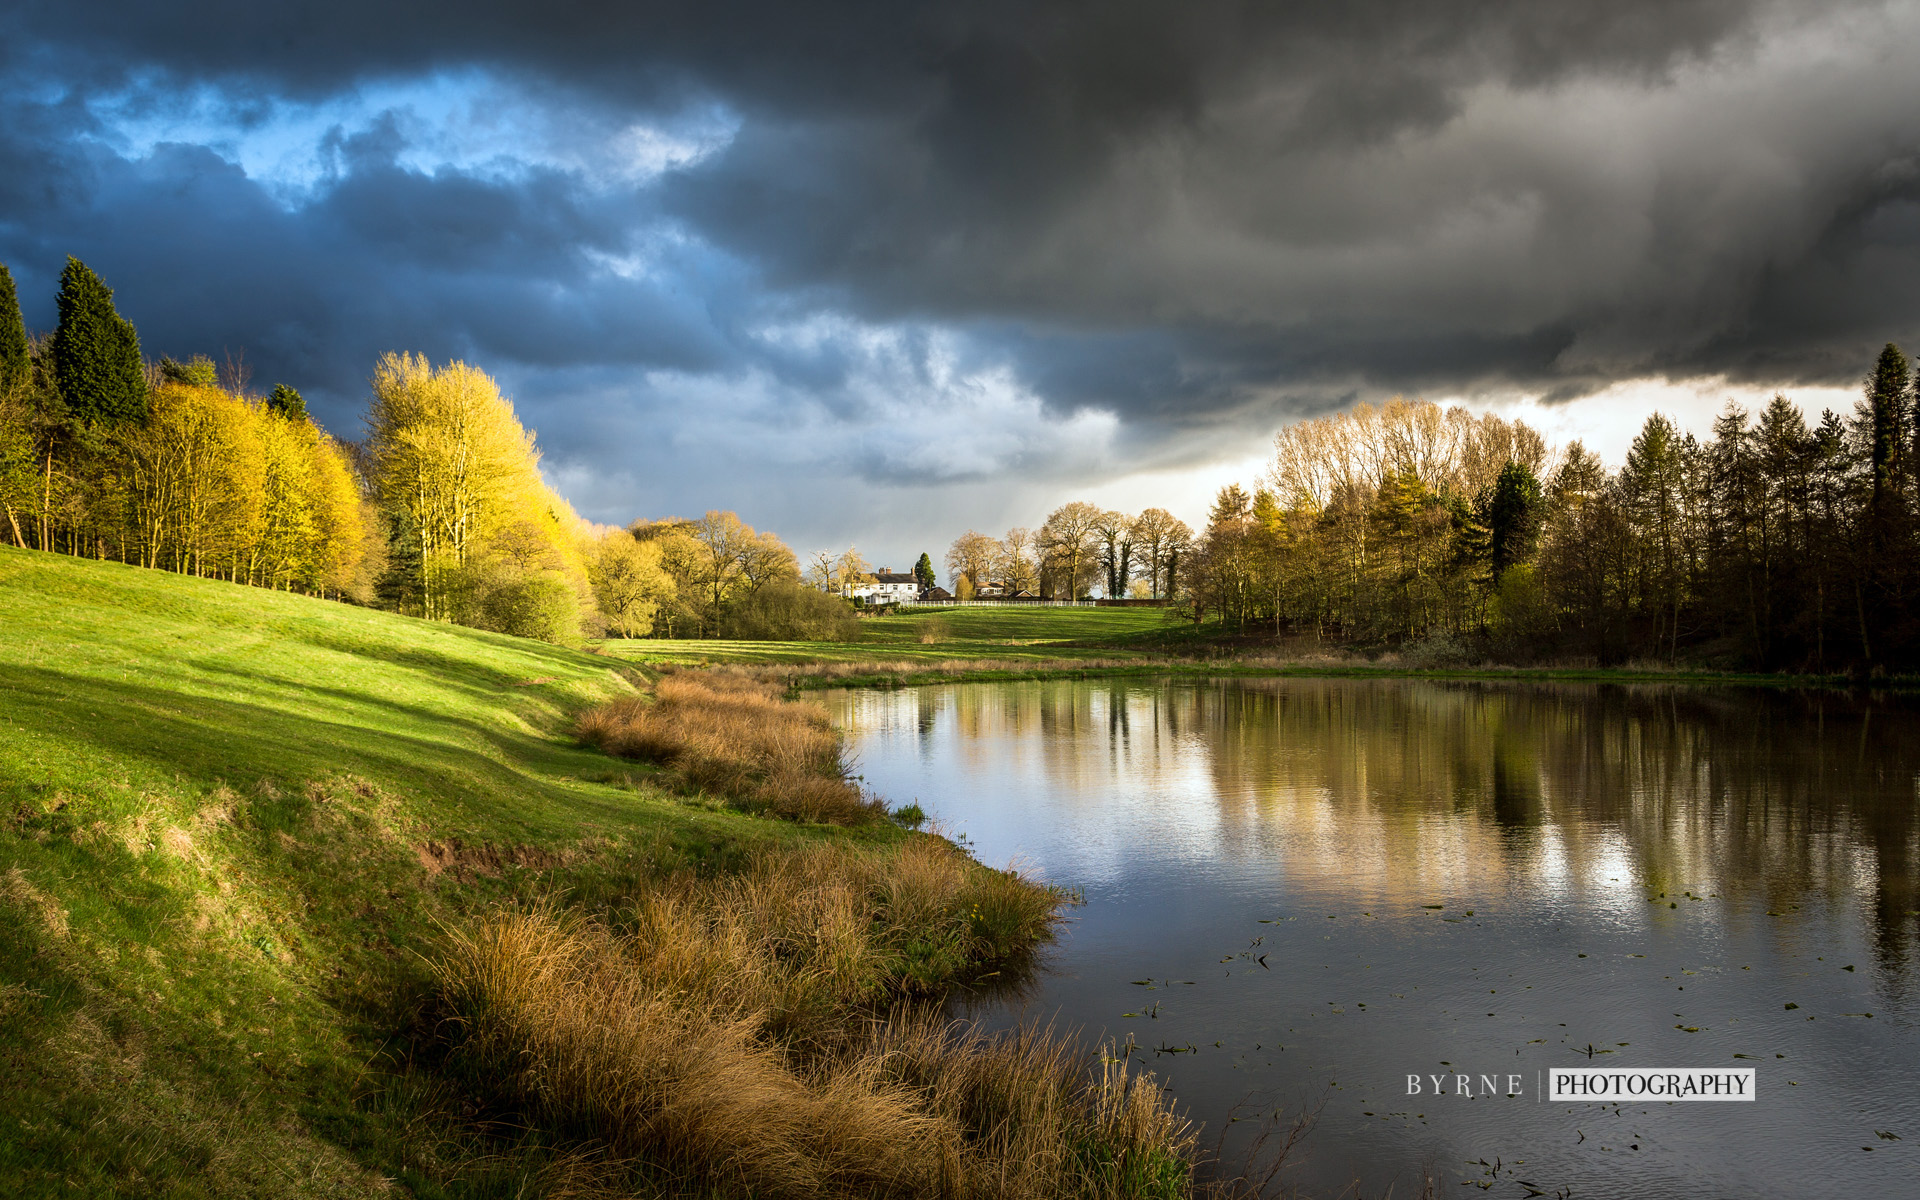 《美丽的英国》摄影师Sean Byrne风光风景摄影宽屏壁纸(壁纸1)